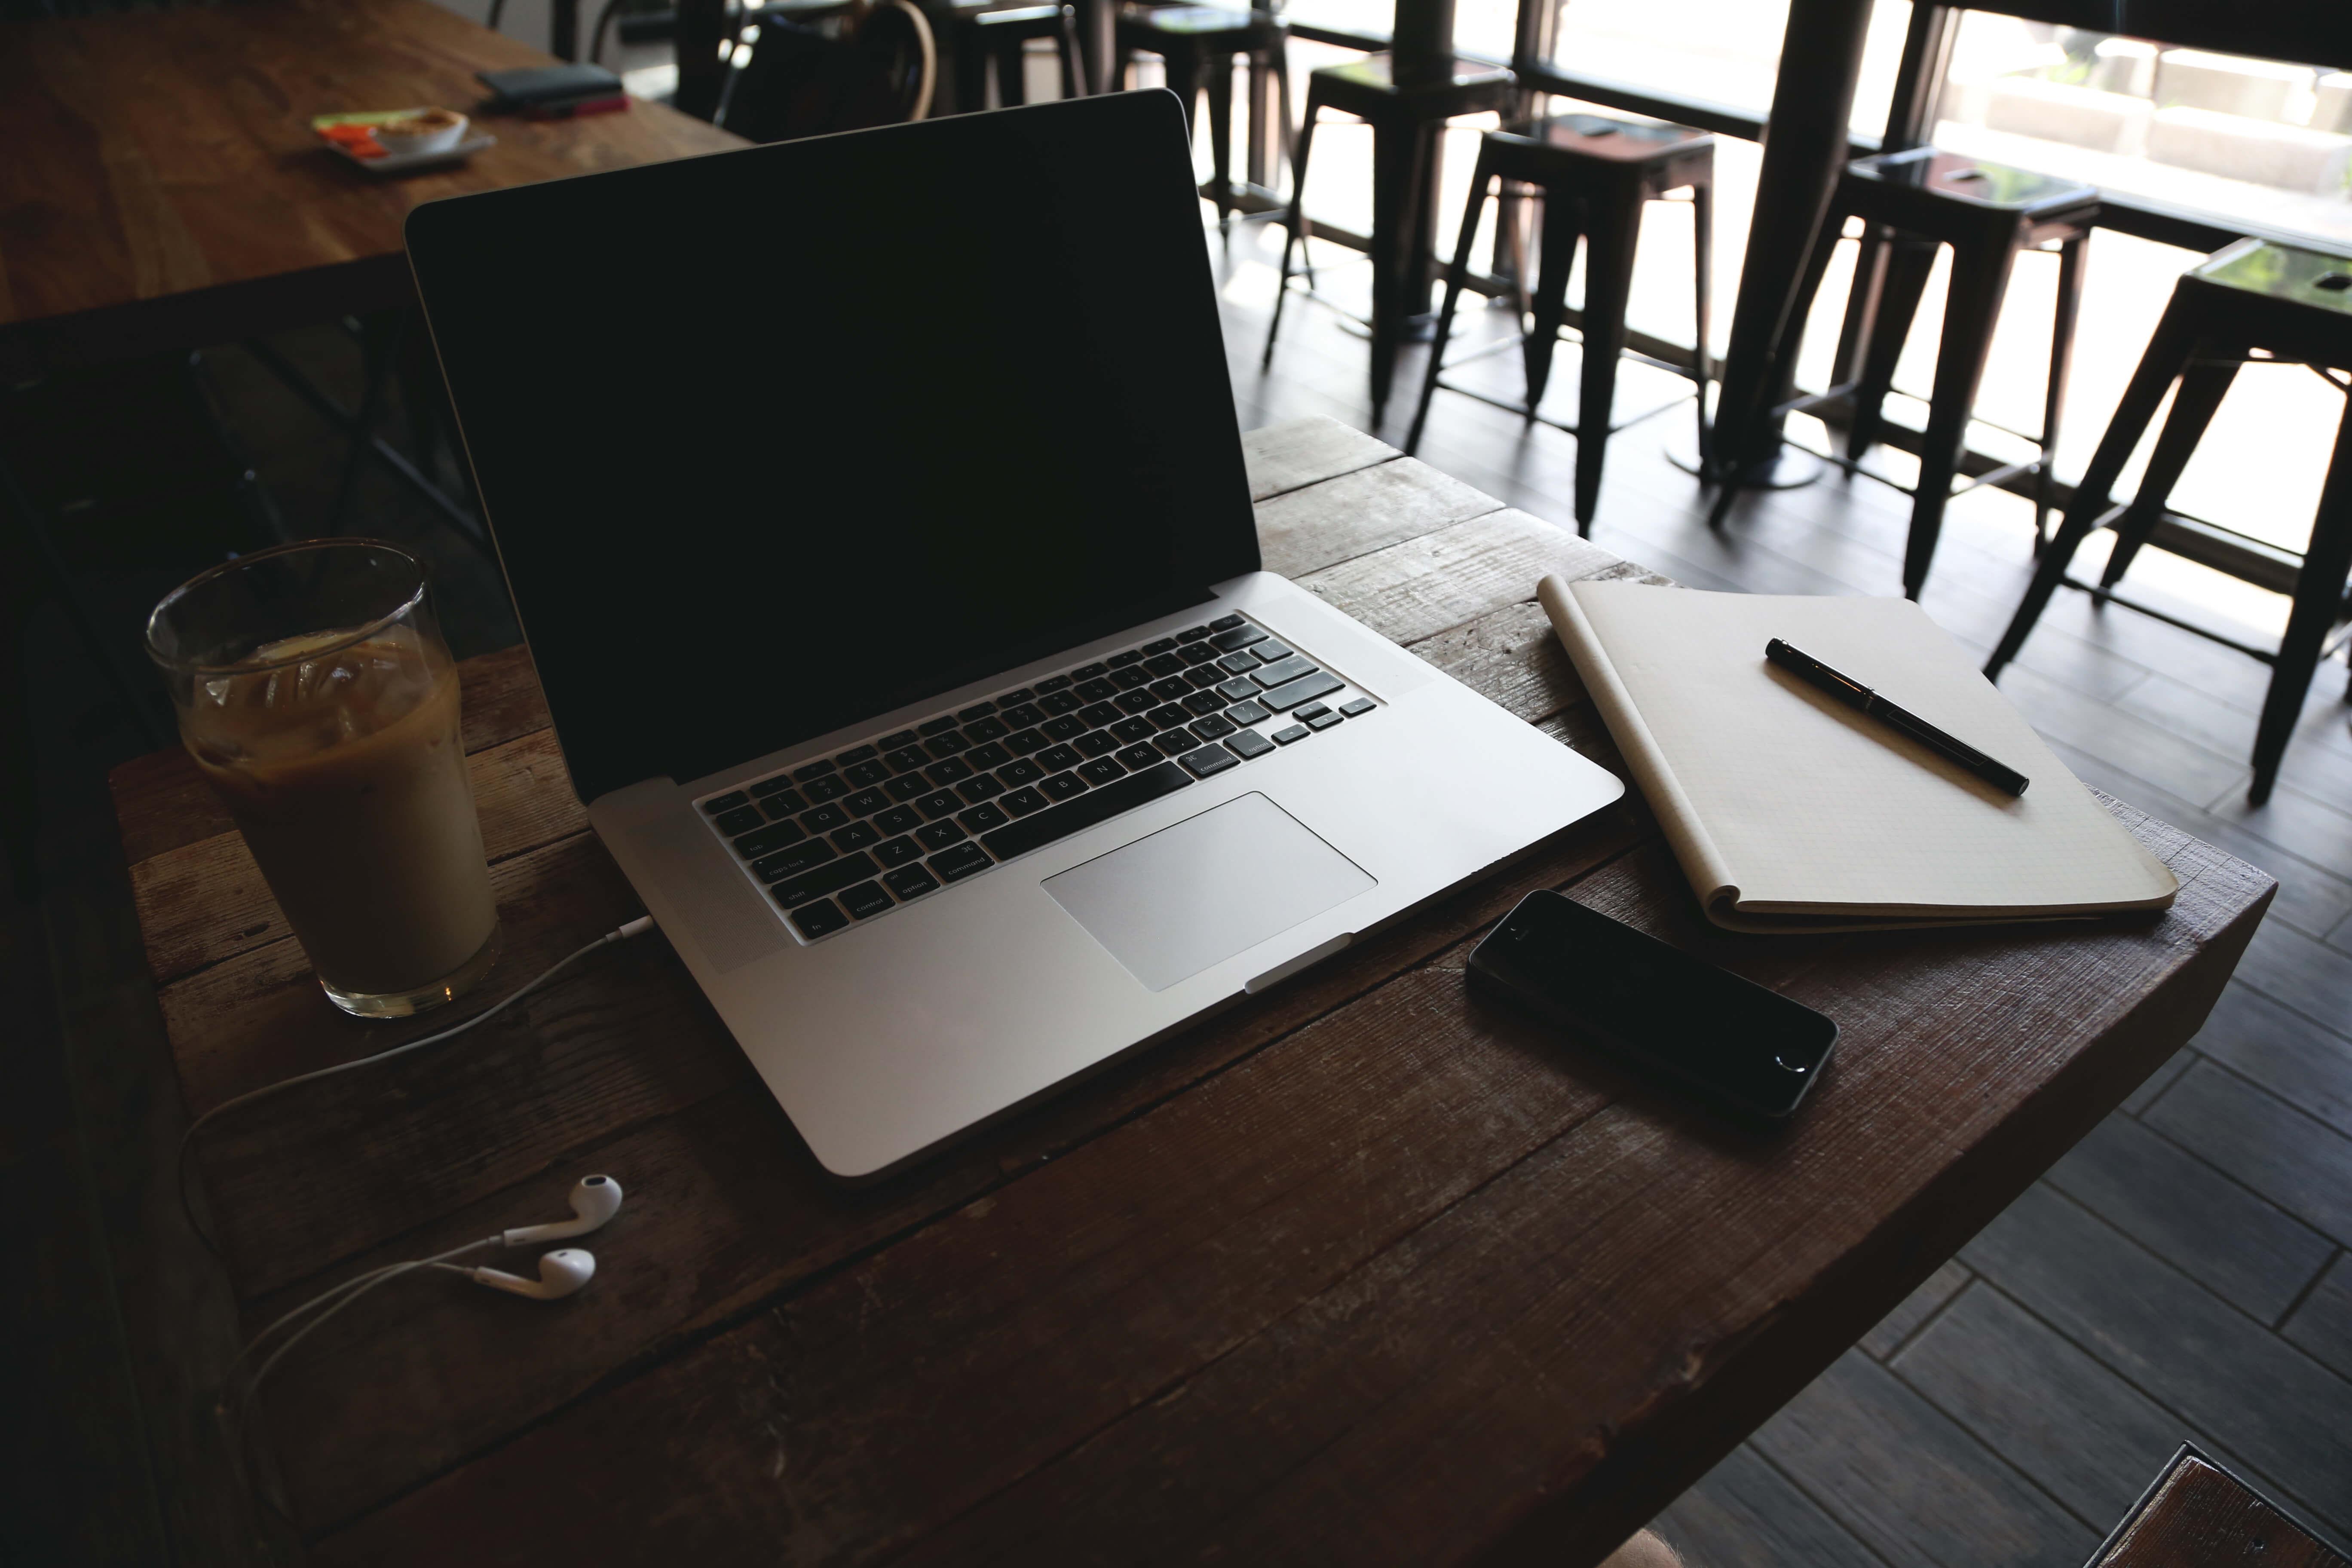 auch im Cafe oder Homeoffice läßt es sich gut arbeiten (c) 50stock.com